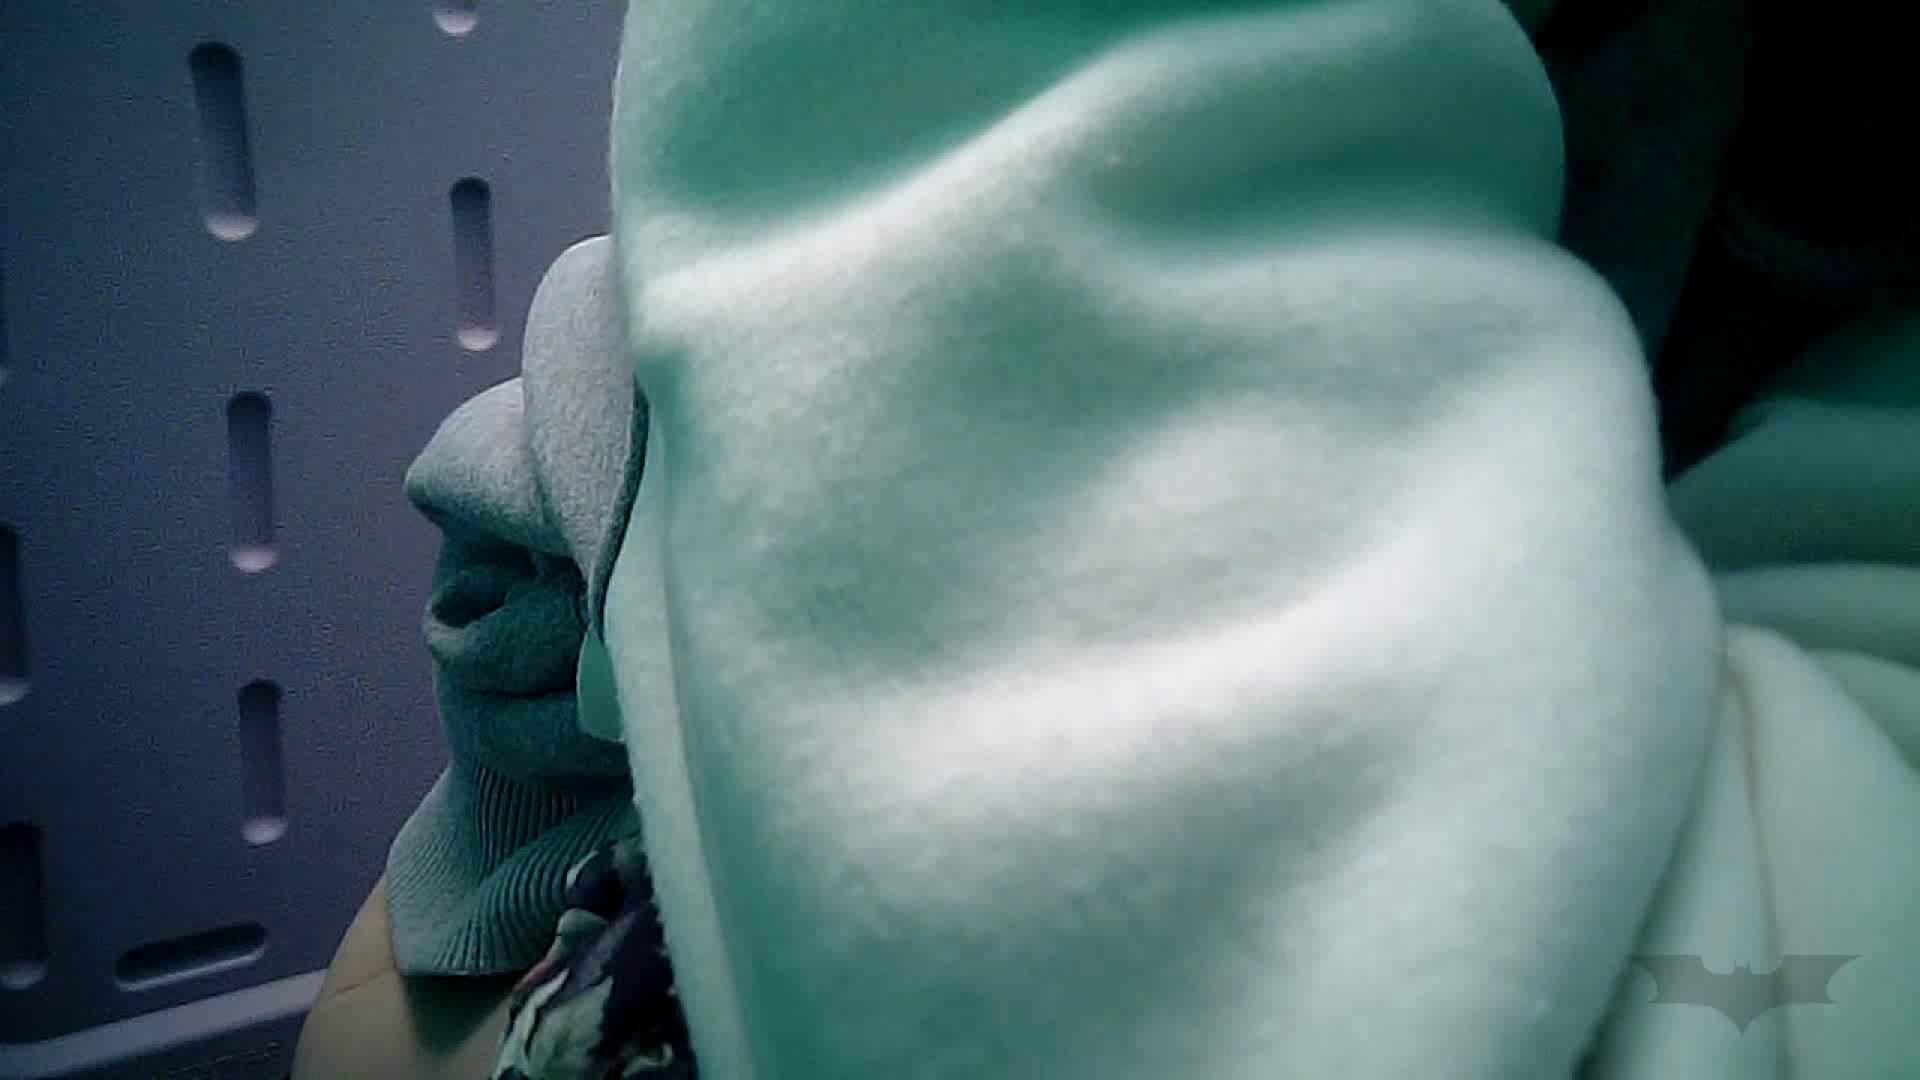 痴態洗面所 Vol.09 美女系、清楚系、ギャル系、時々祭り系?? エッチすぎる美女 エロ無料画像 72連発 47